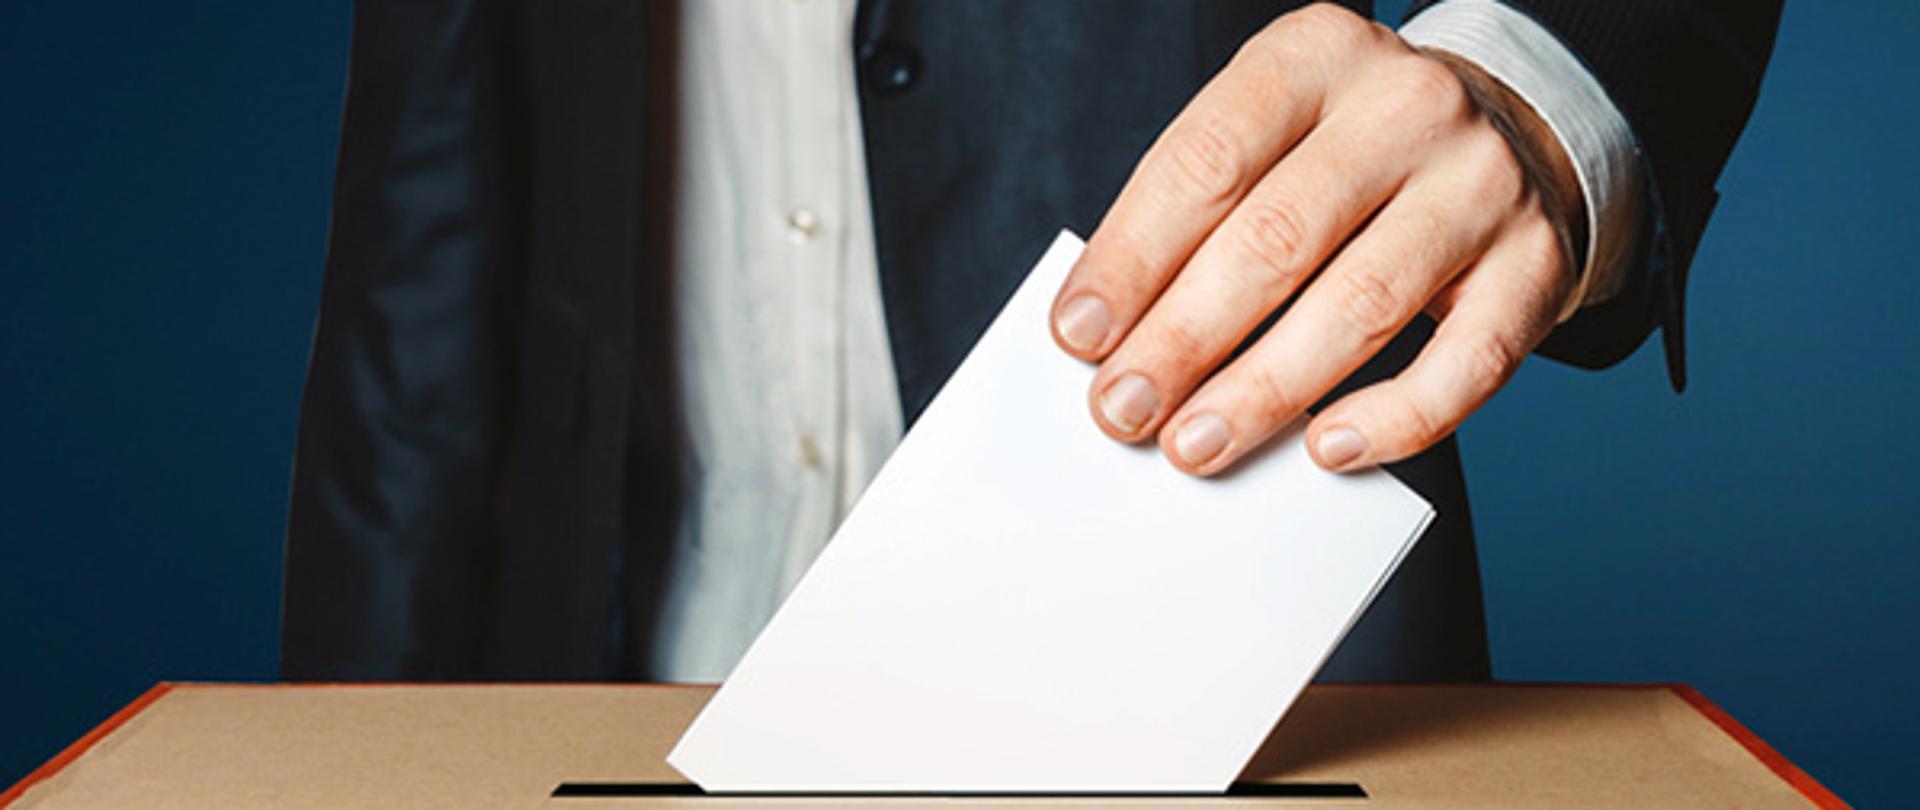 PODKARPACIE: Prawo i Sprawiedliwość szykuje duże zmiany w wyborczym kalendarzu! - Zdjęcie główne